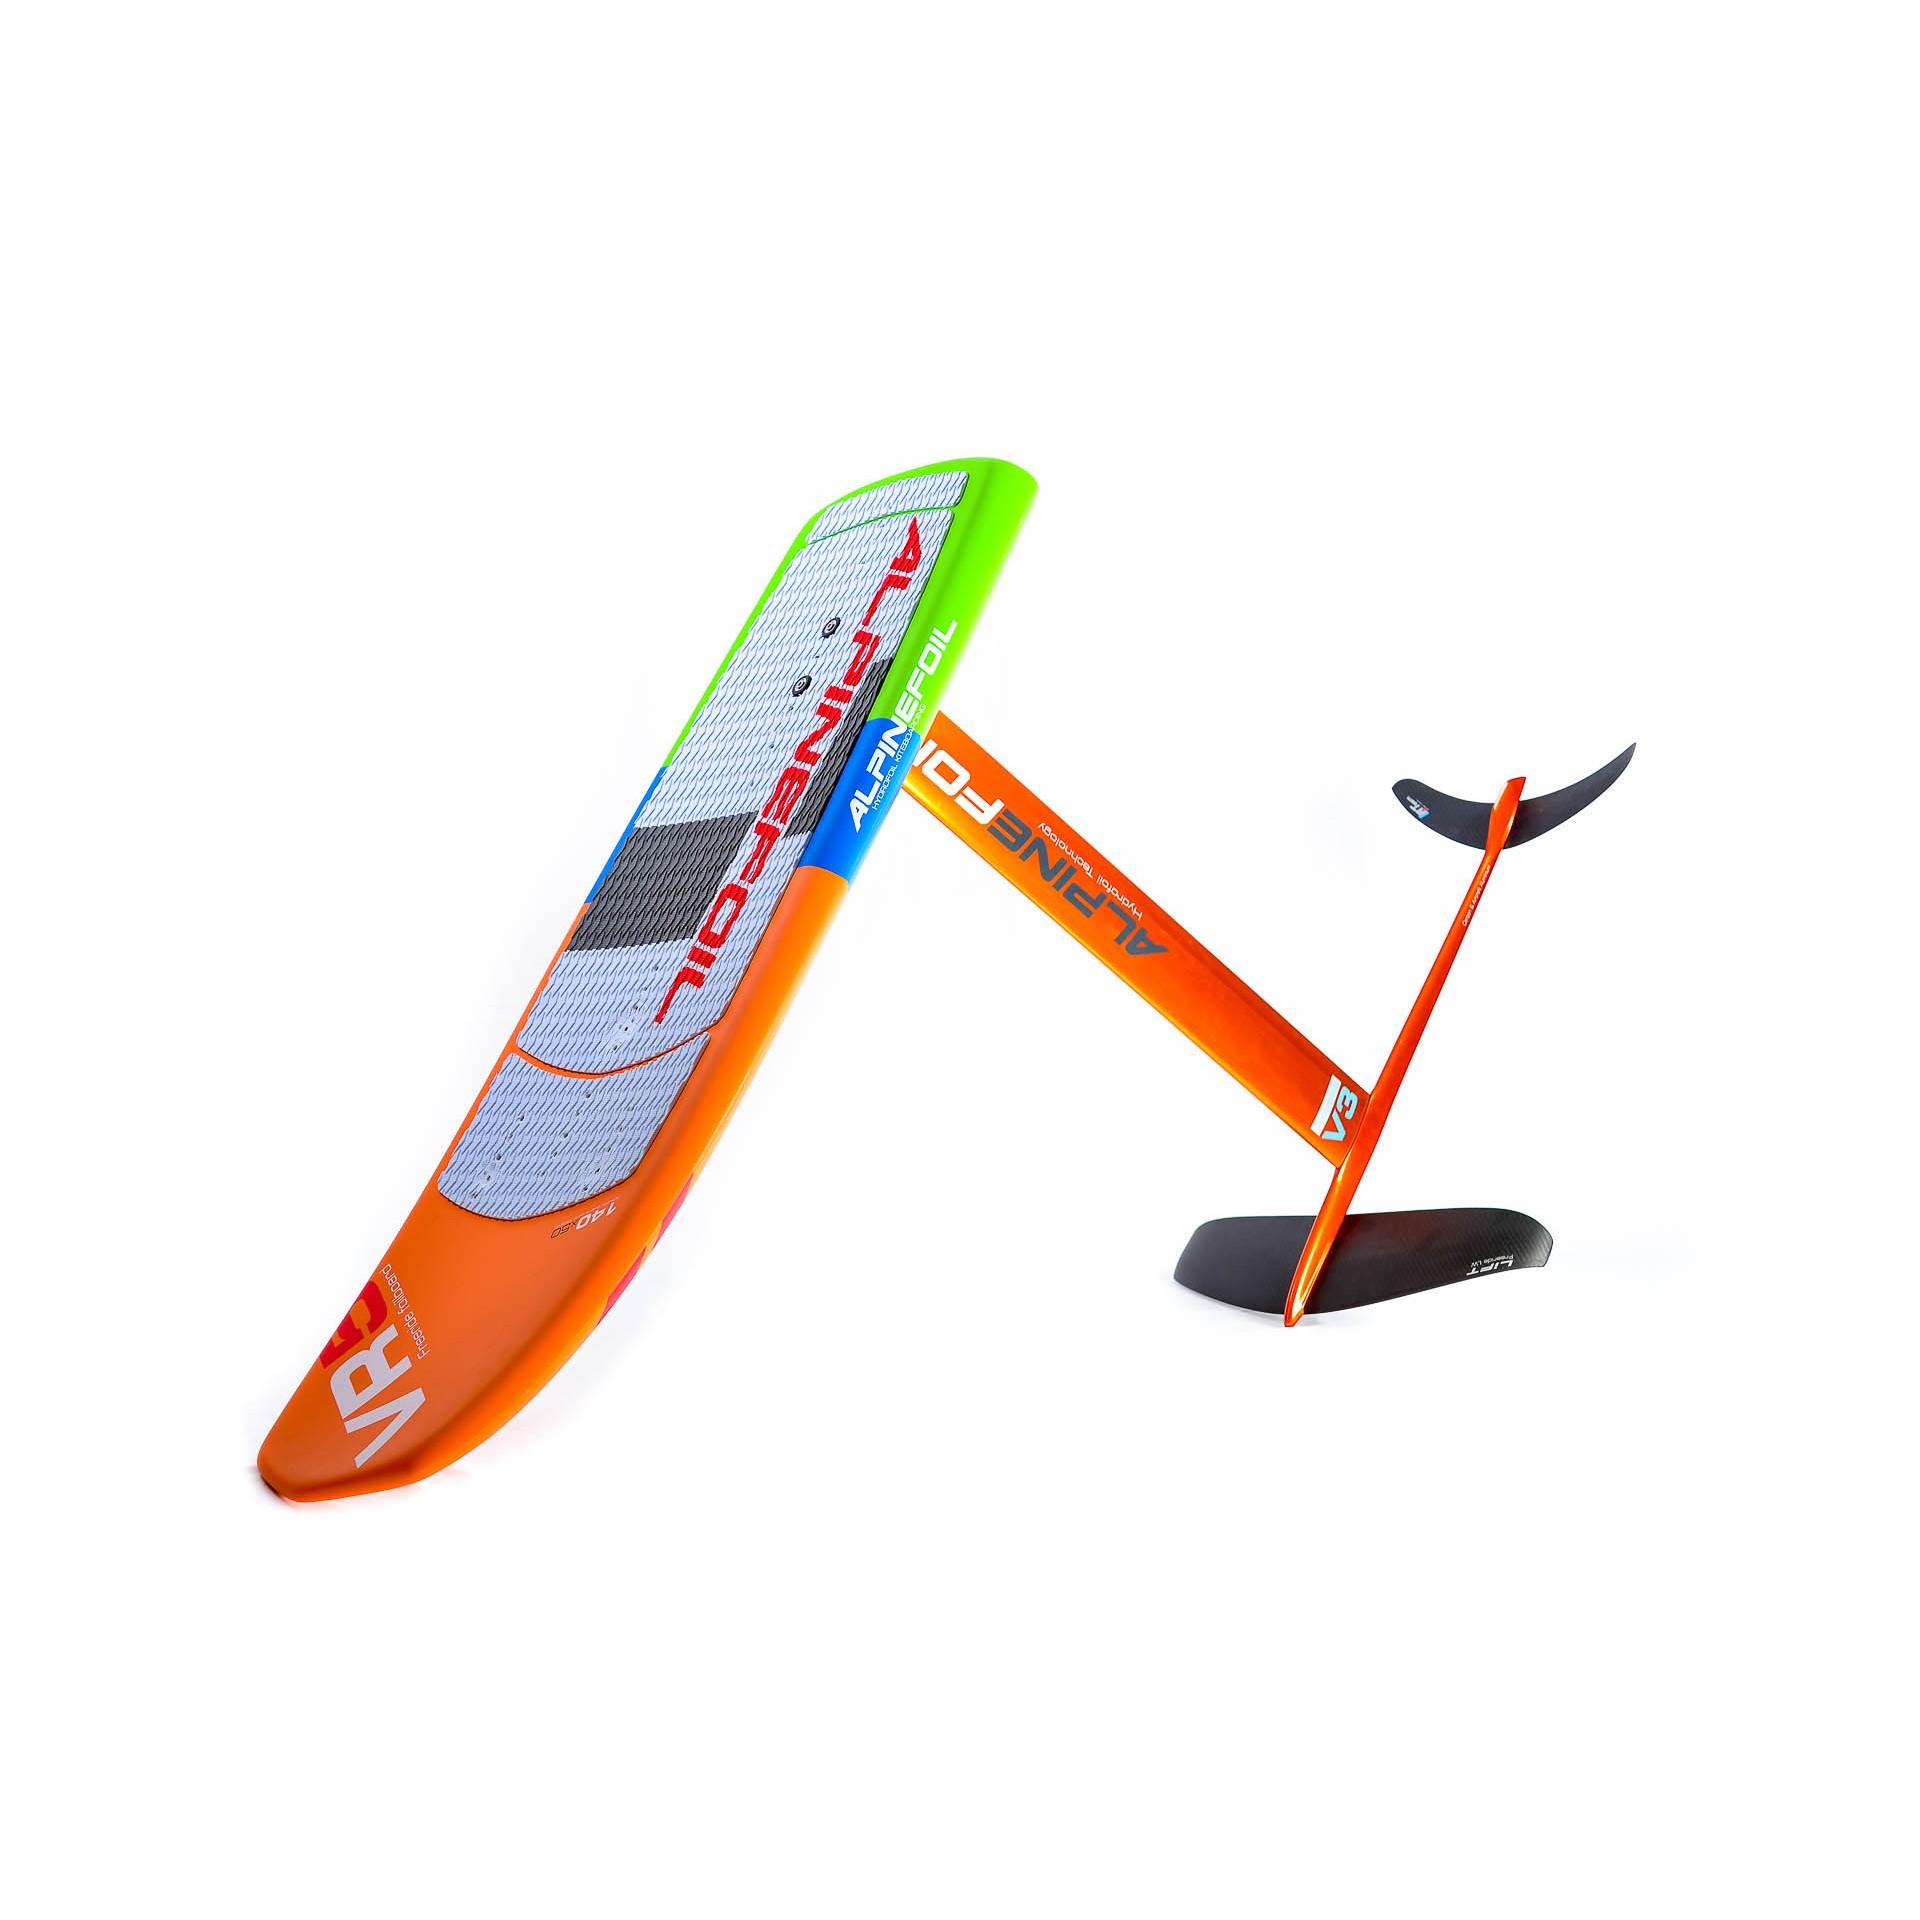 Kitefoil board alpinefoil 8845